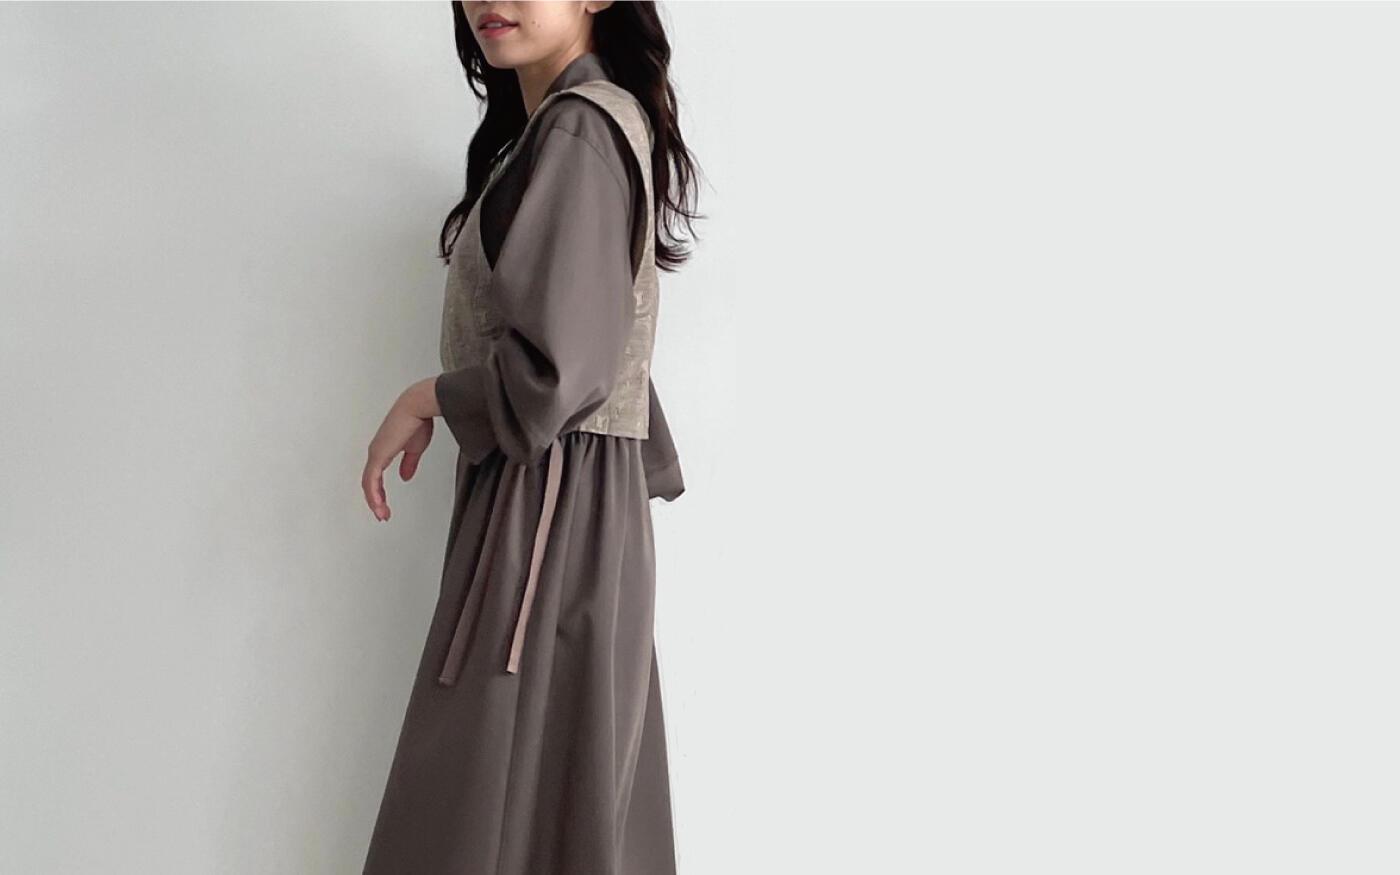 DRESS&SHIRT COLLECTION-旬なワンピースと着映えるブラウスで作る秋のワードローブ-